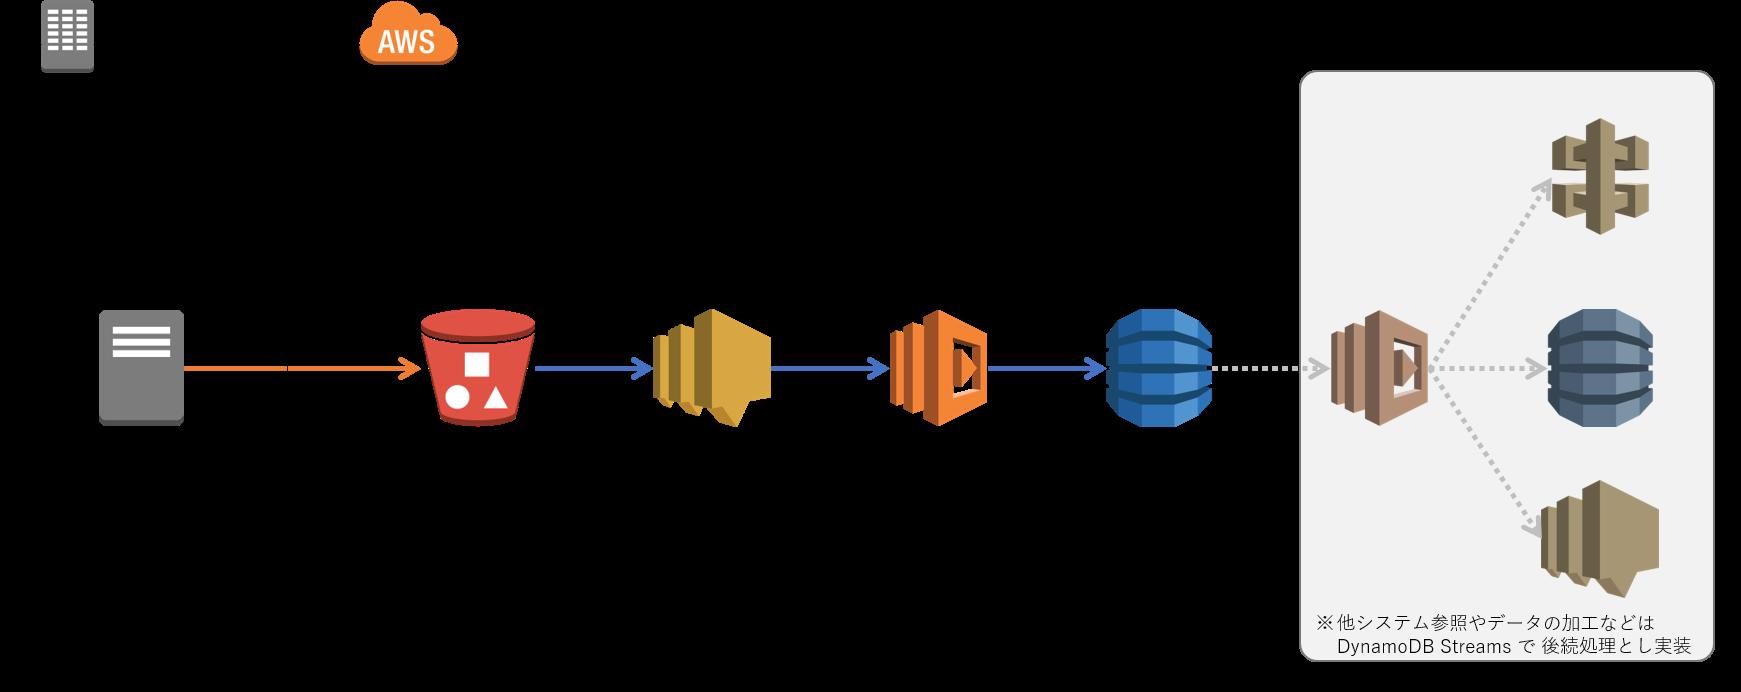 CSV ファイルのバッチ連携も AWS Lambda でサーバーレス